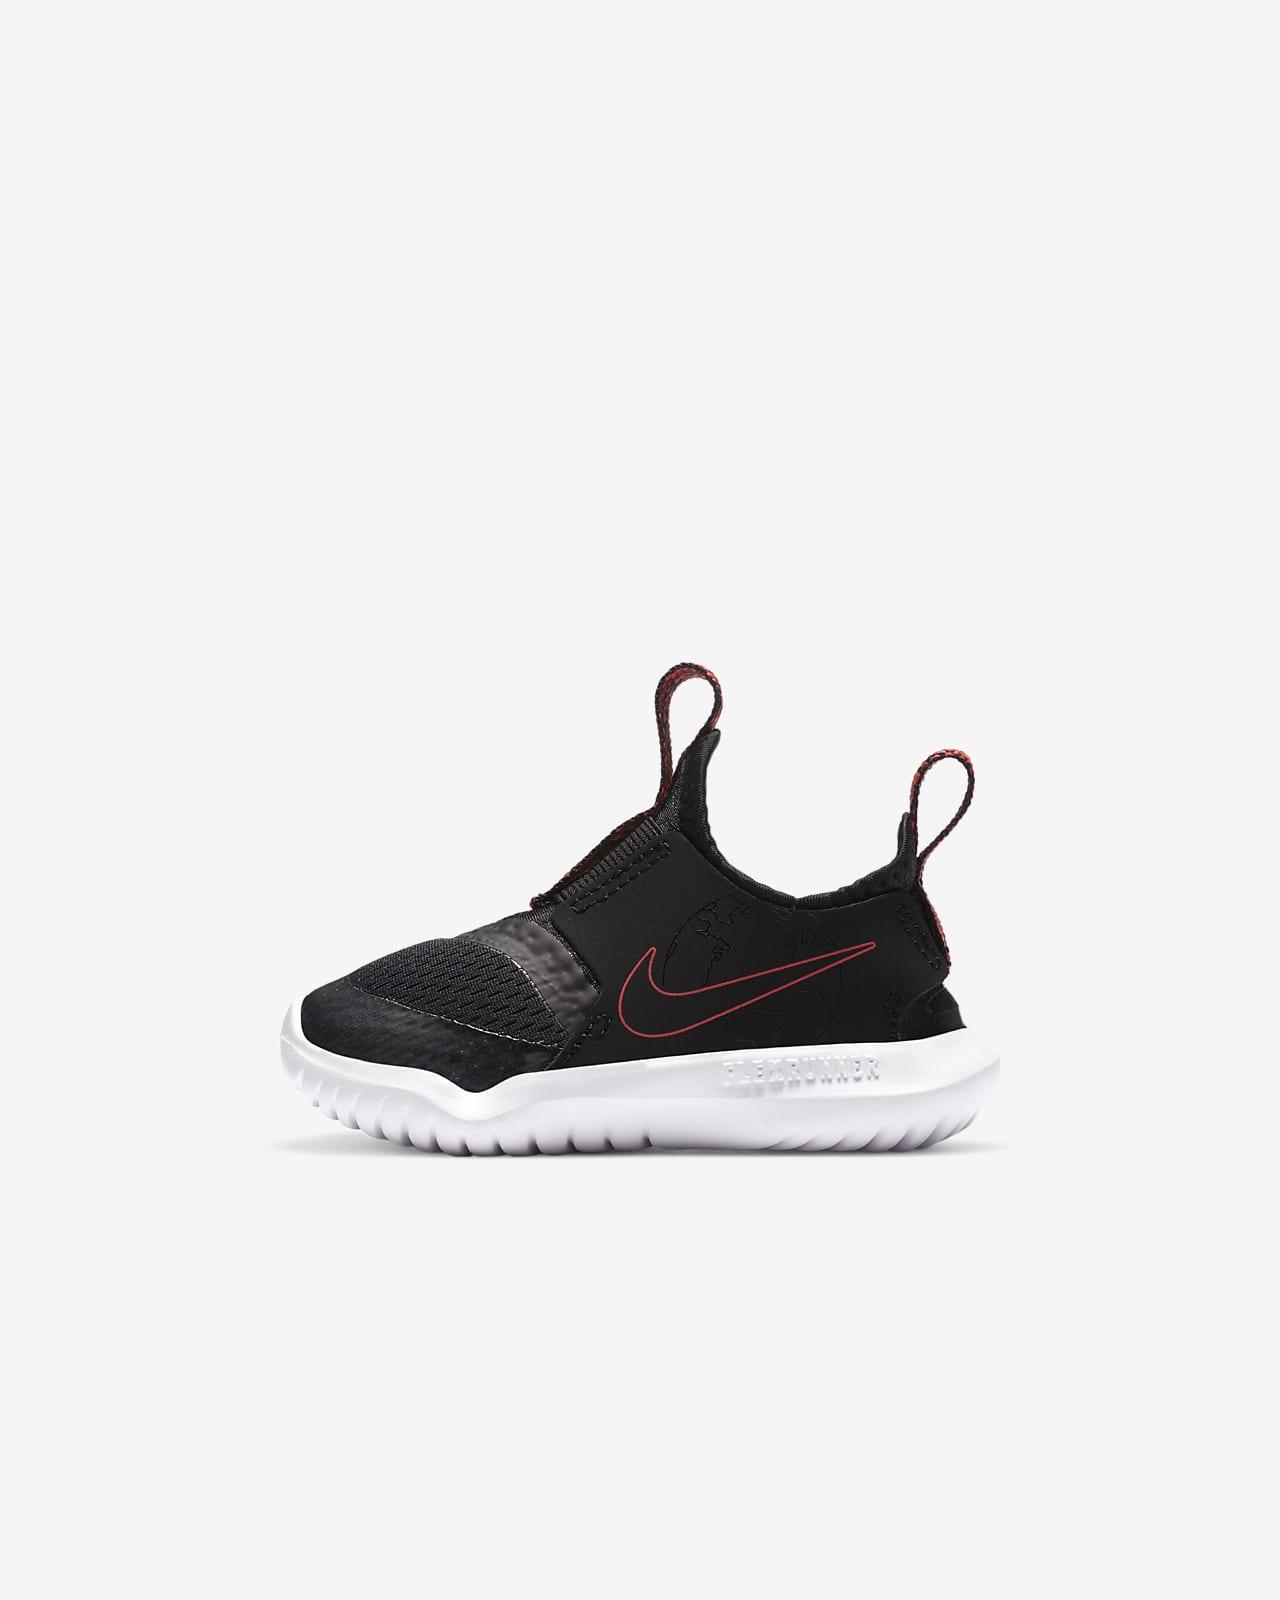 Nike Flex Runner SE 嬰幼兒鞋款